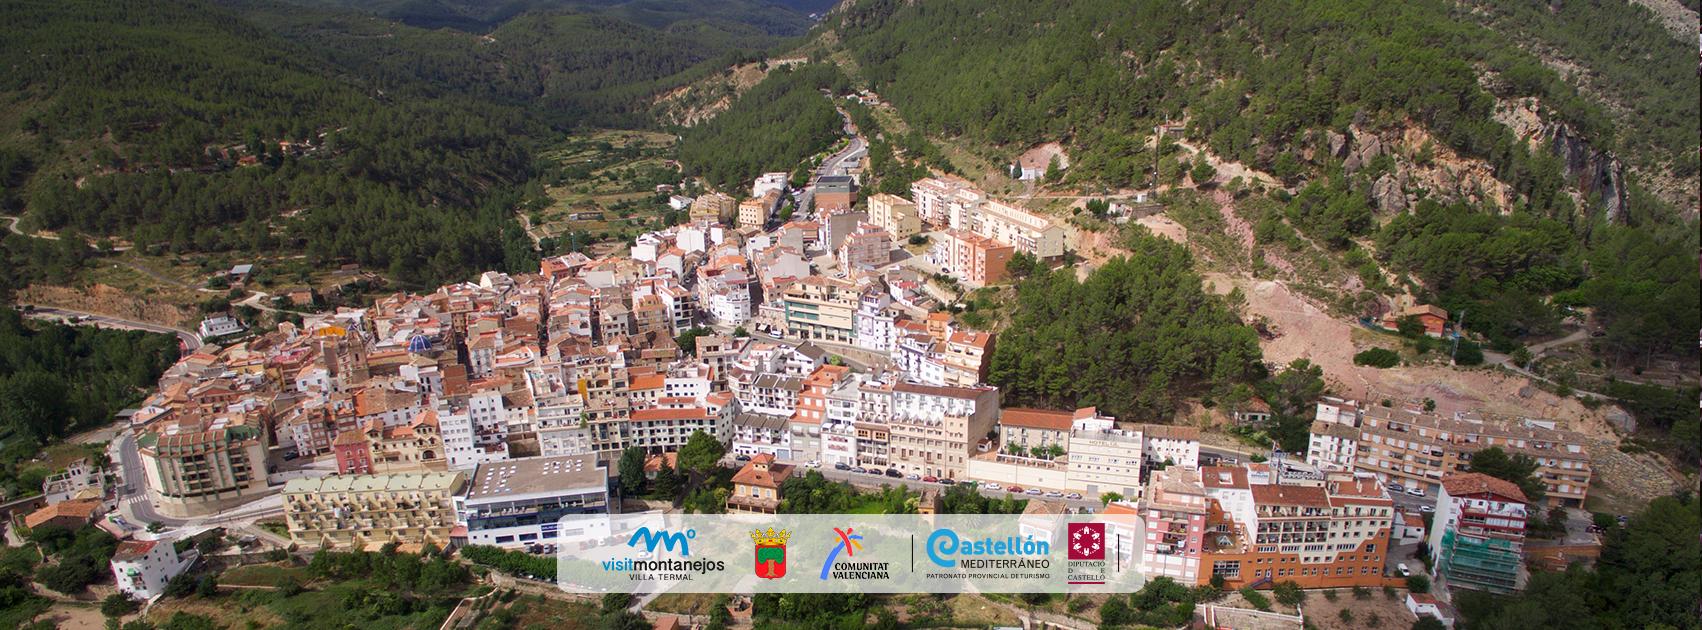 (Español) La Fundación de Turismo recibe en 2019 una subvención de Turisme Comunitat Valenciana